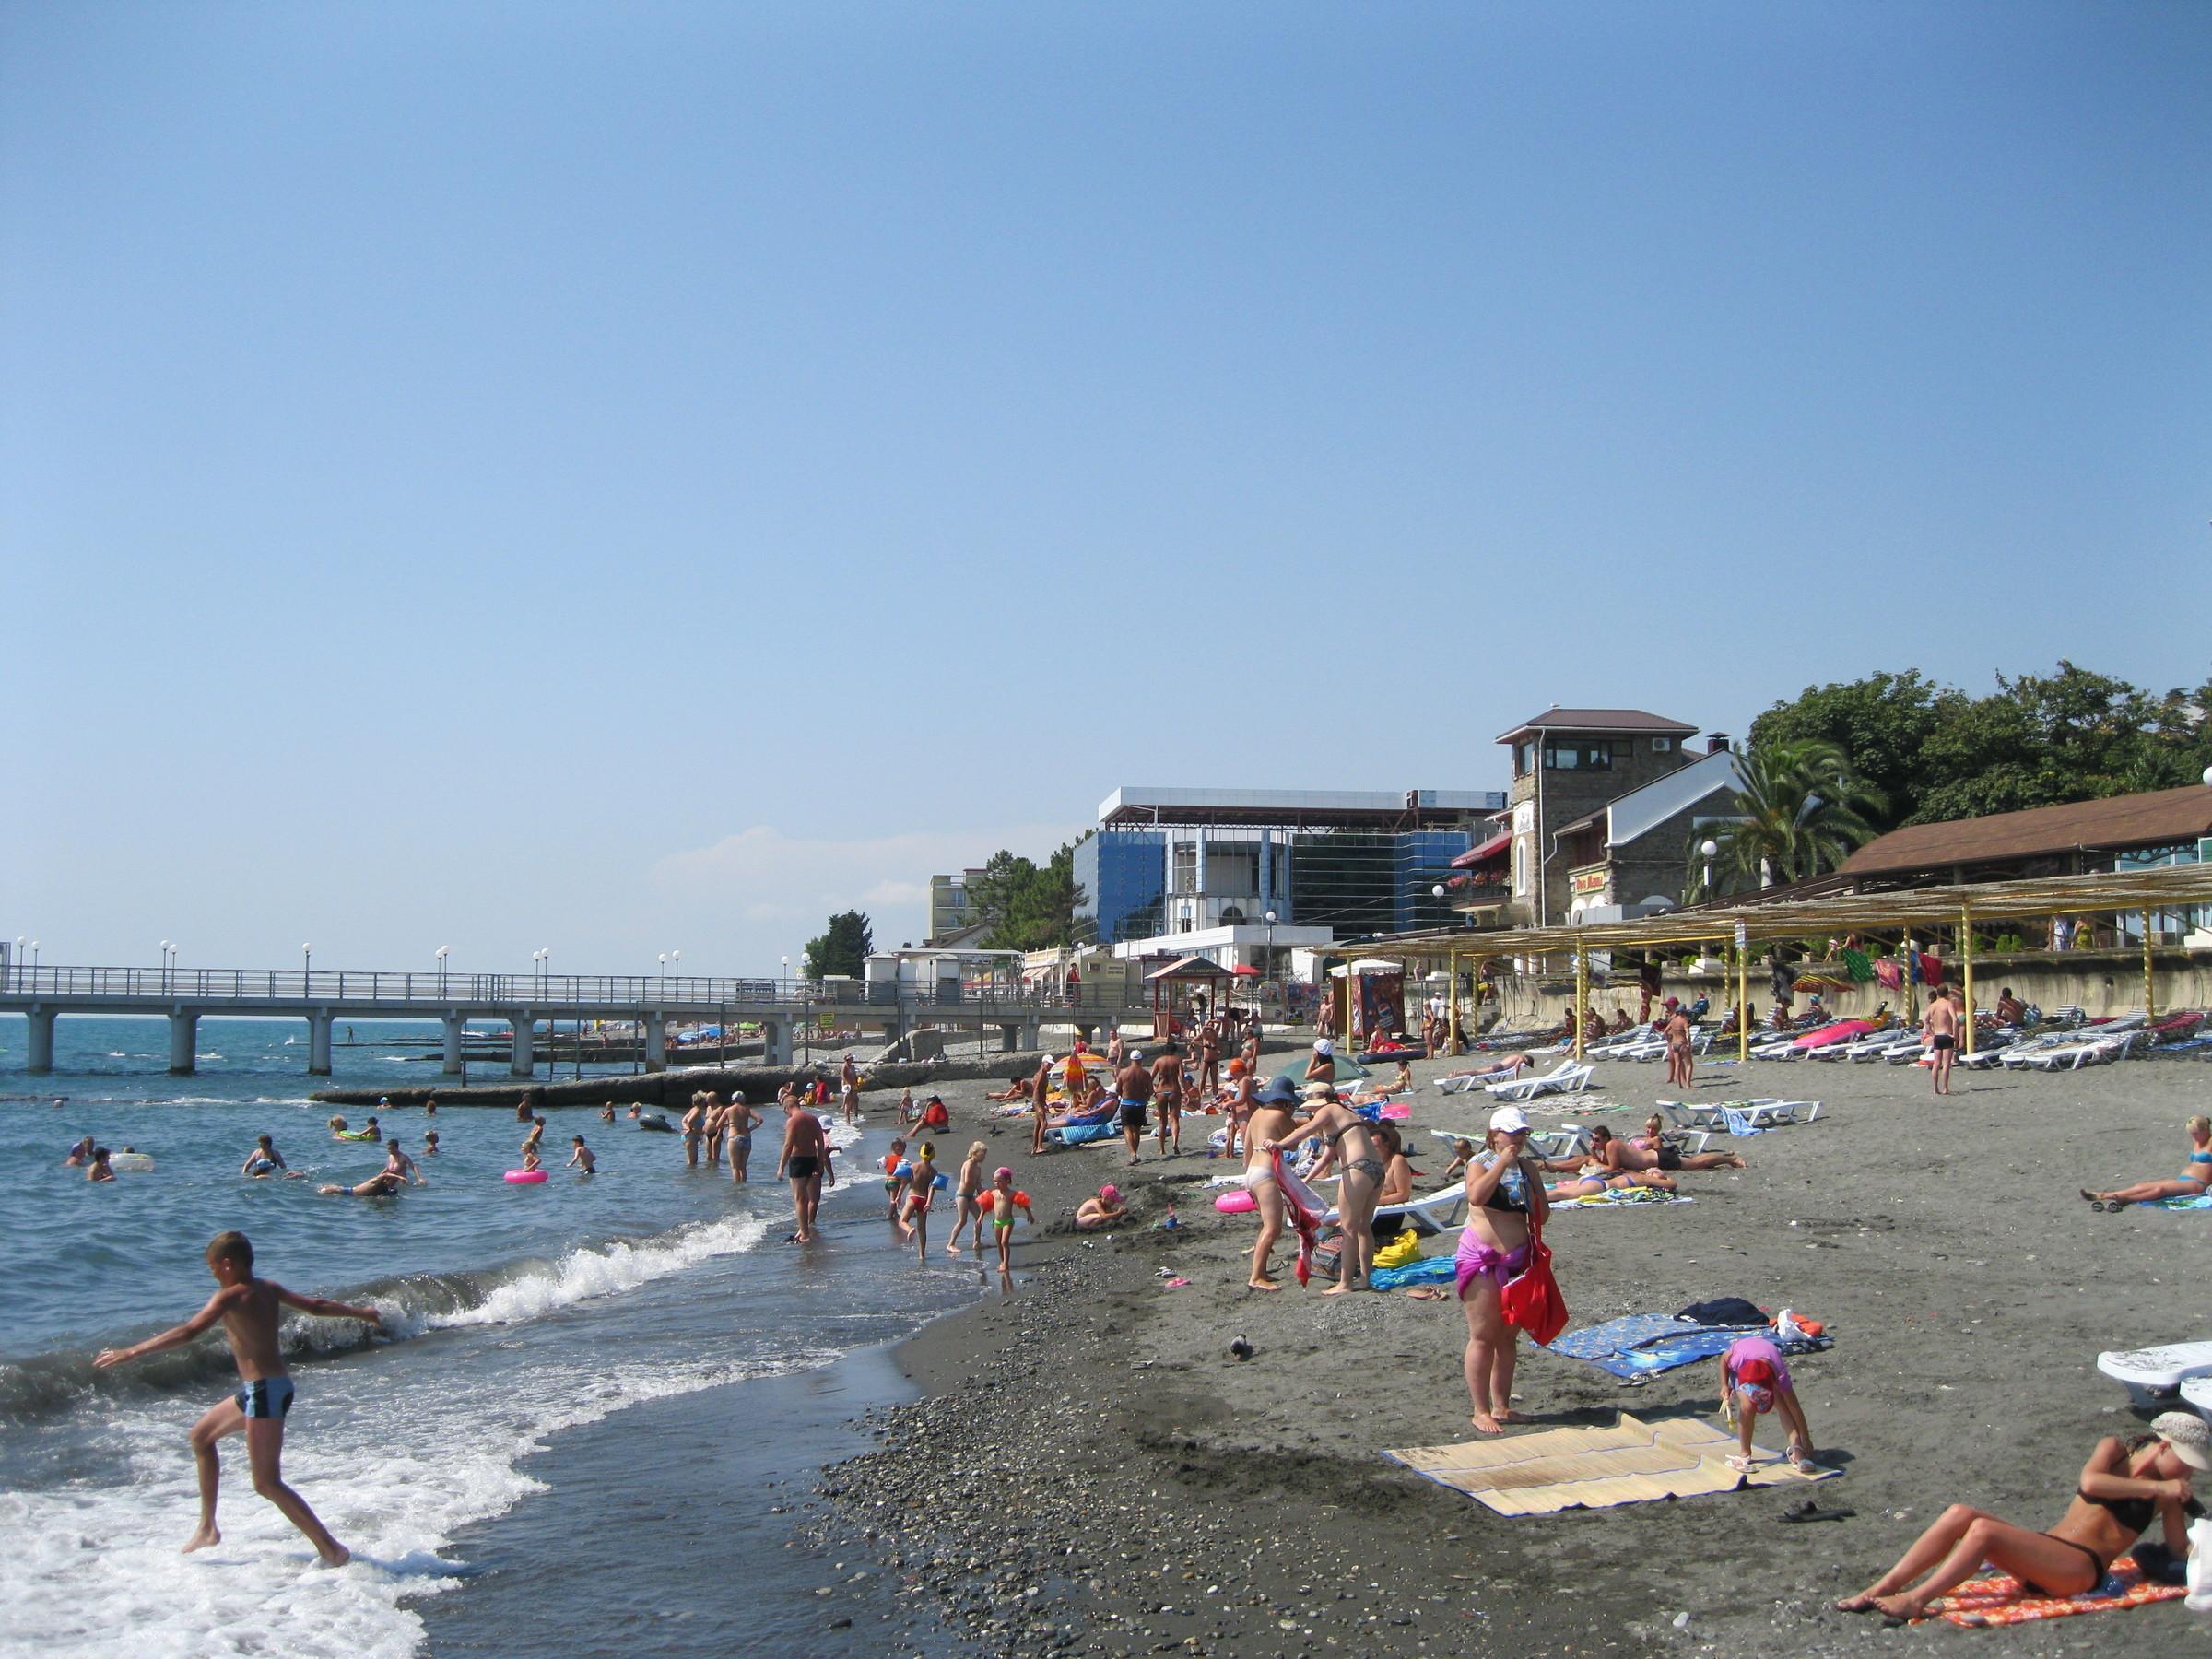 городской пляж адлера фото что